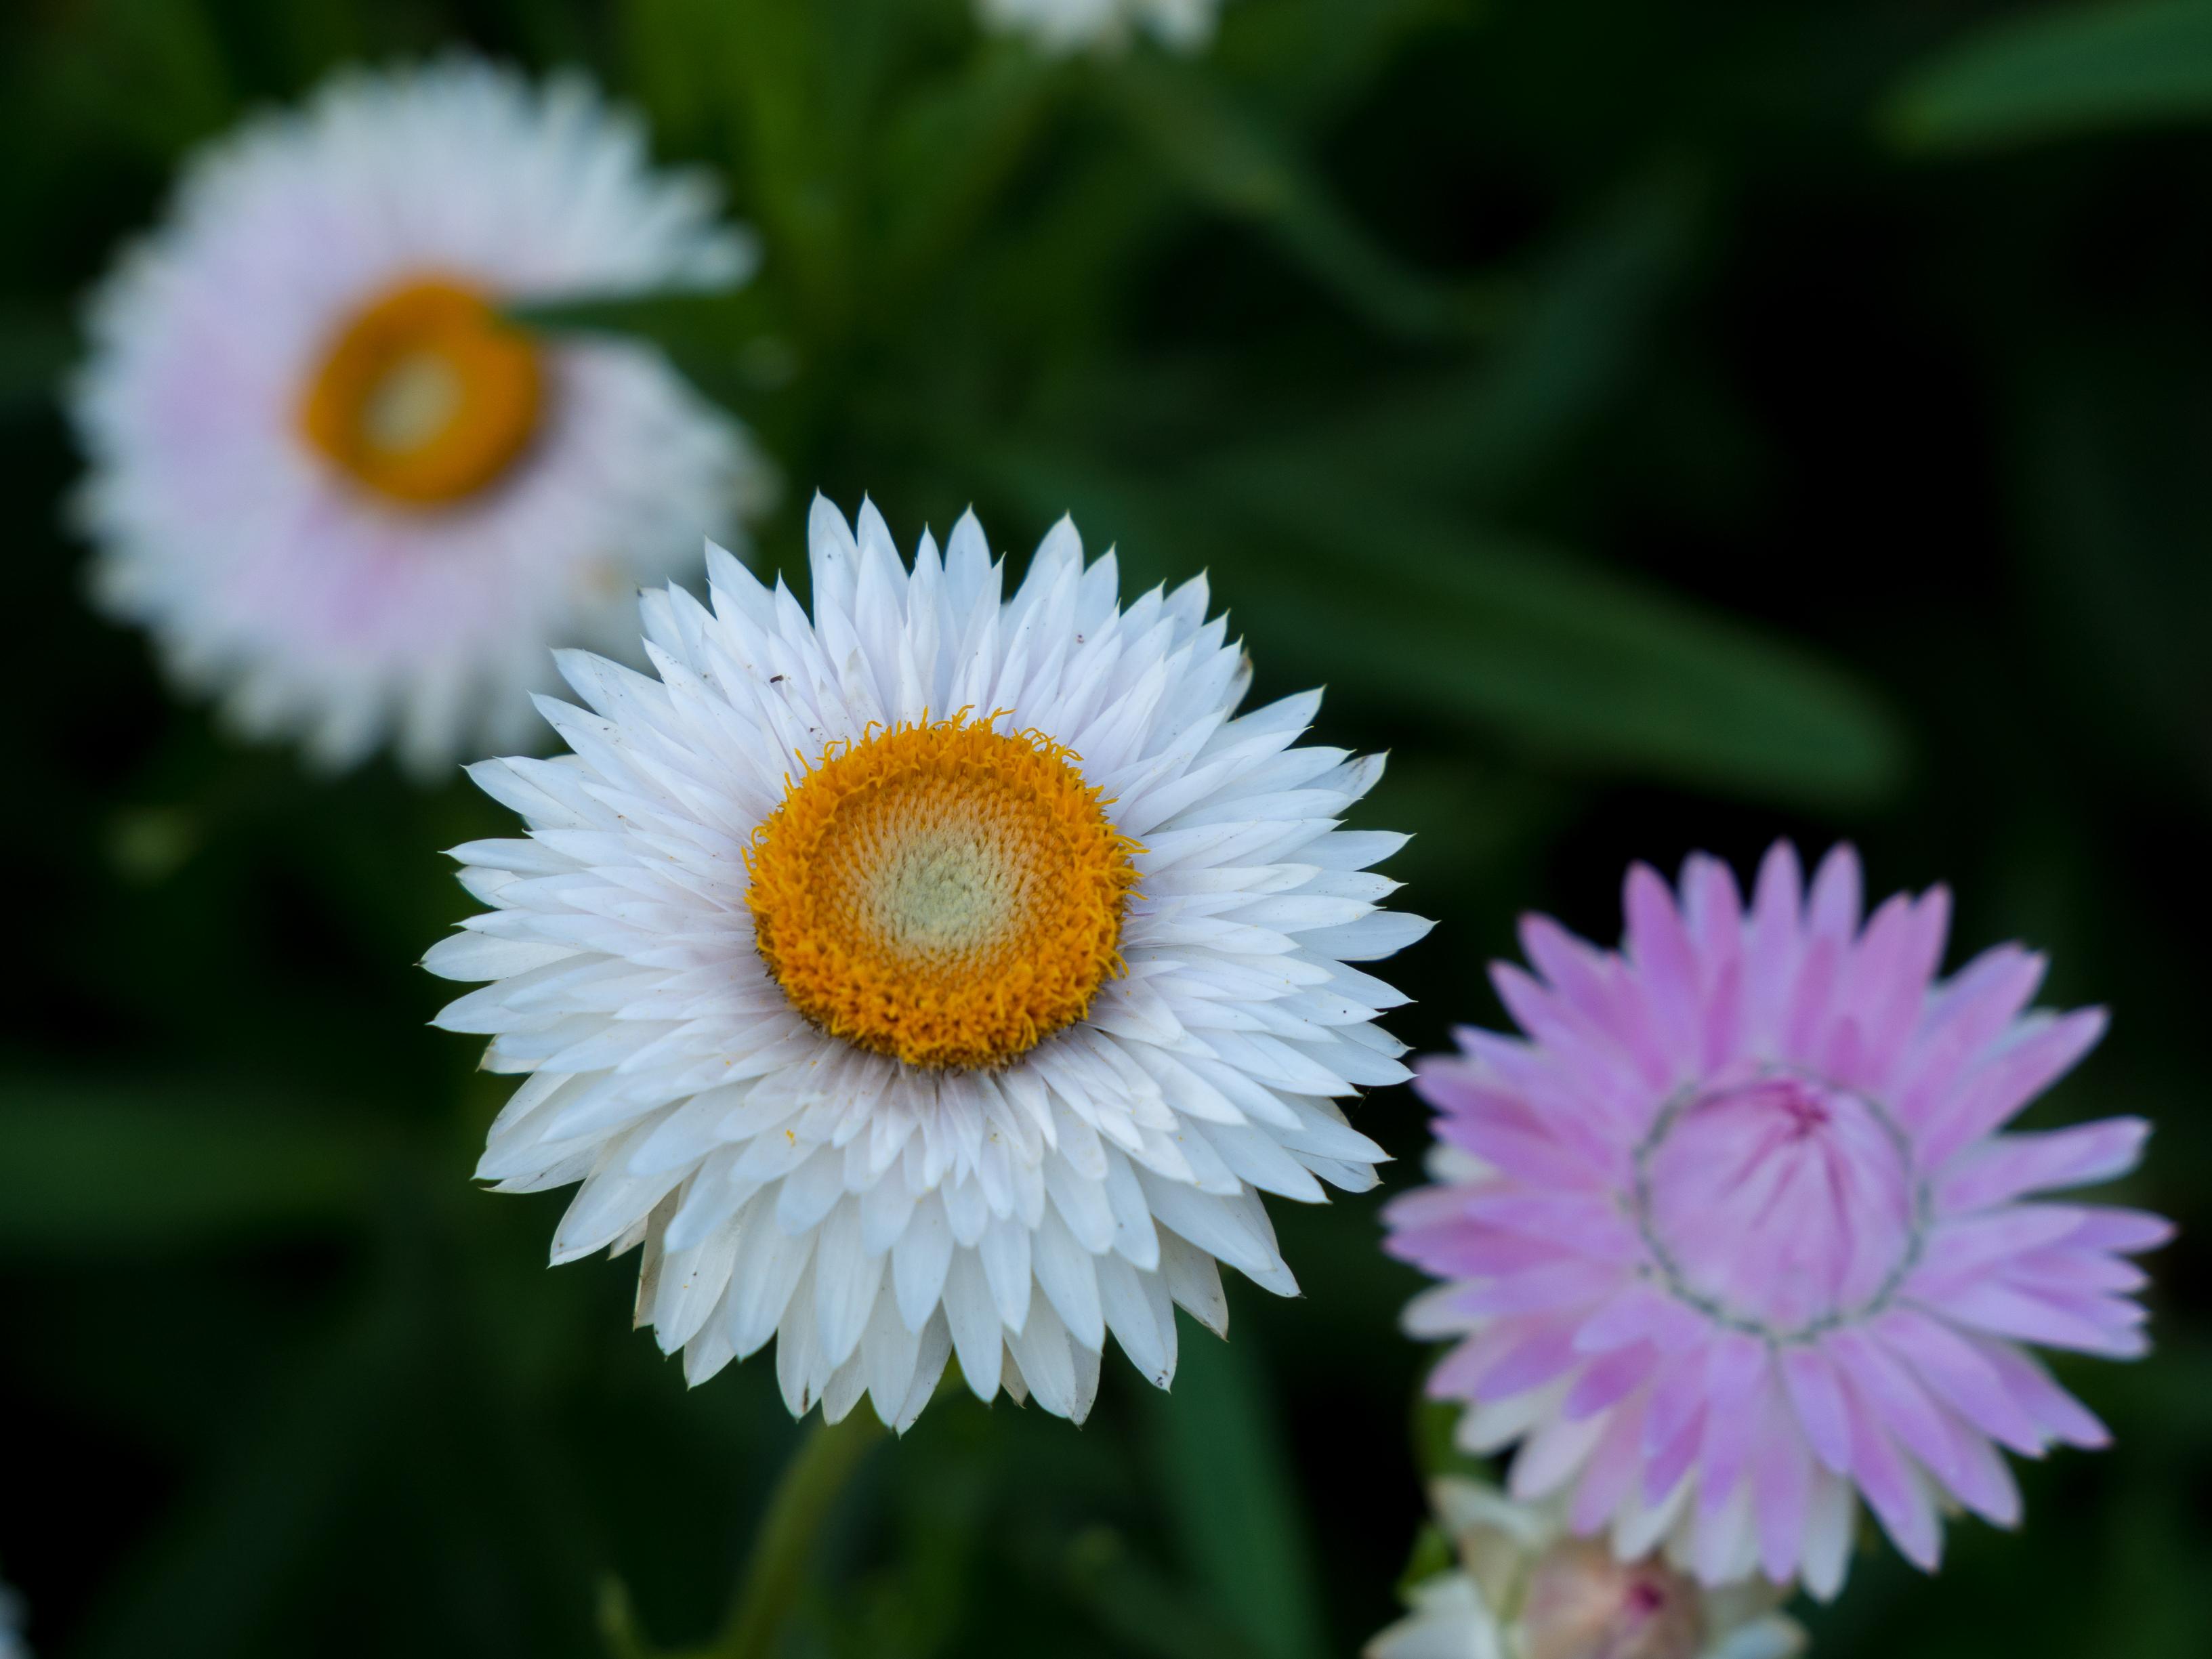 Hình ảnh hoa cúc bất tử màu trắng nở đẹp nhất